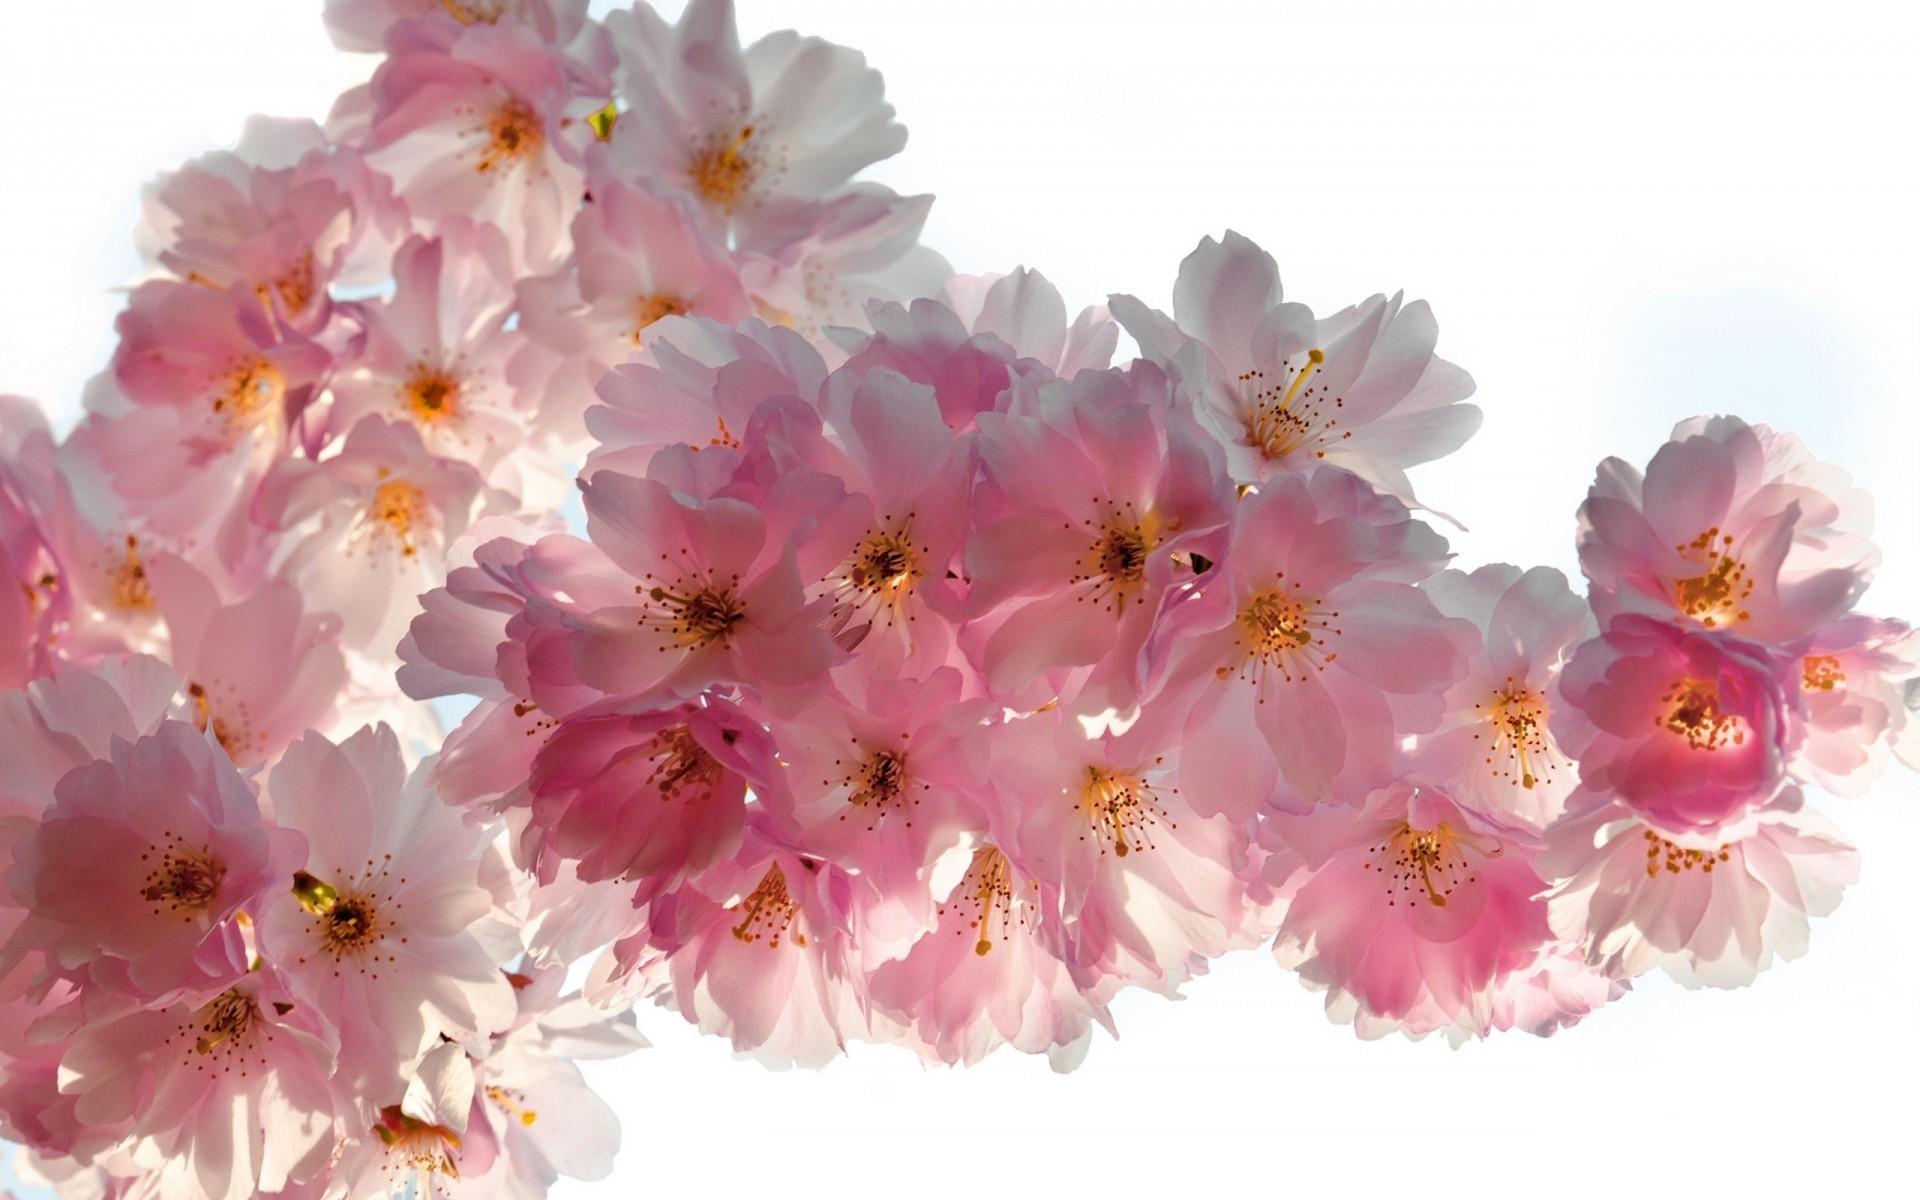 Цветение сакуры фото высокого разрешения - King Sport 49